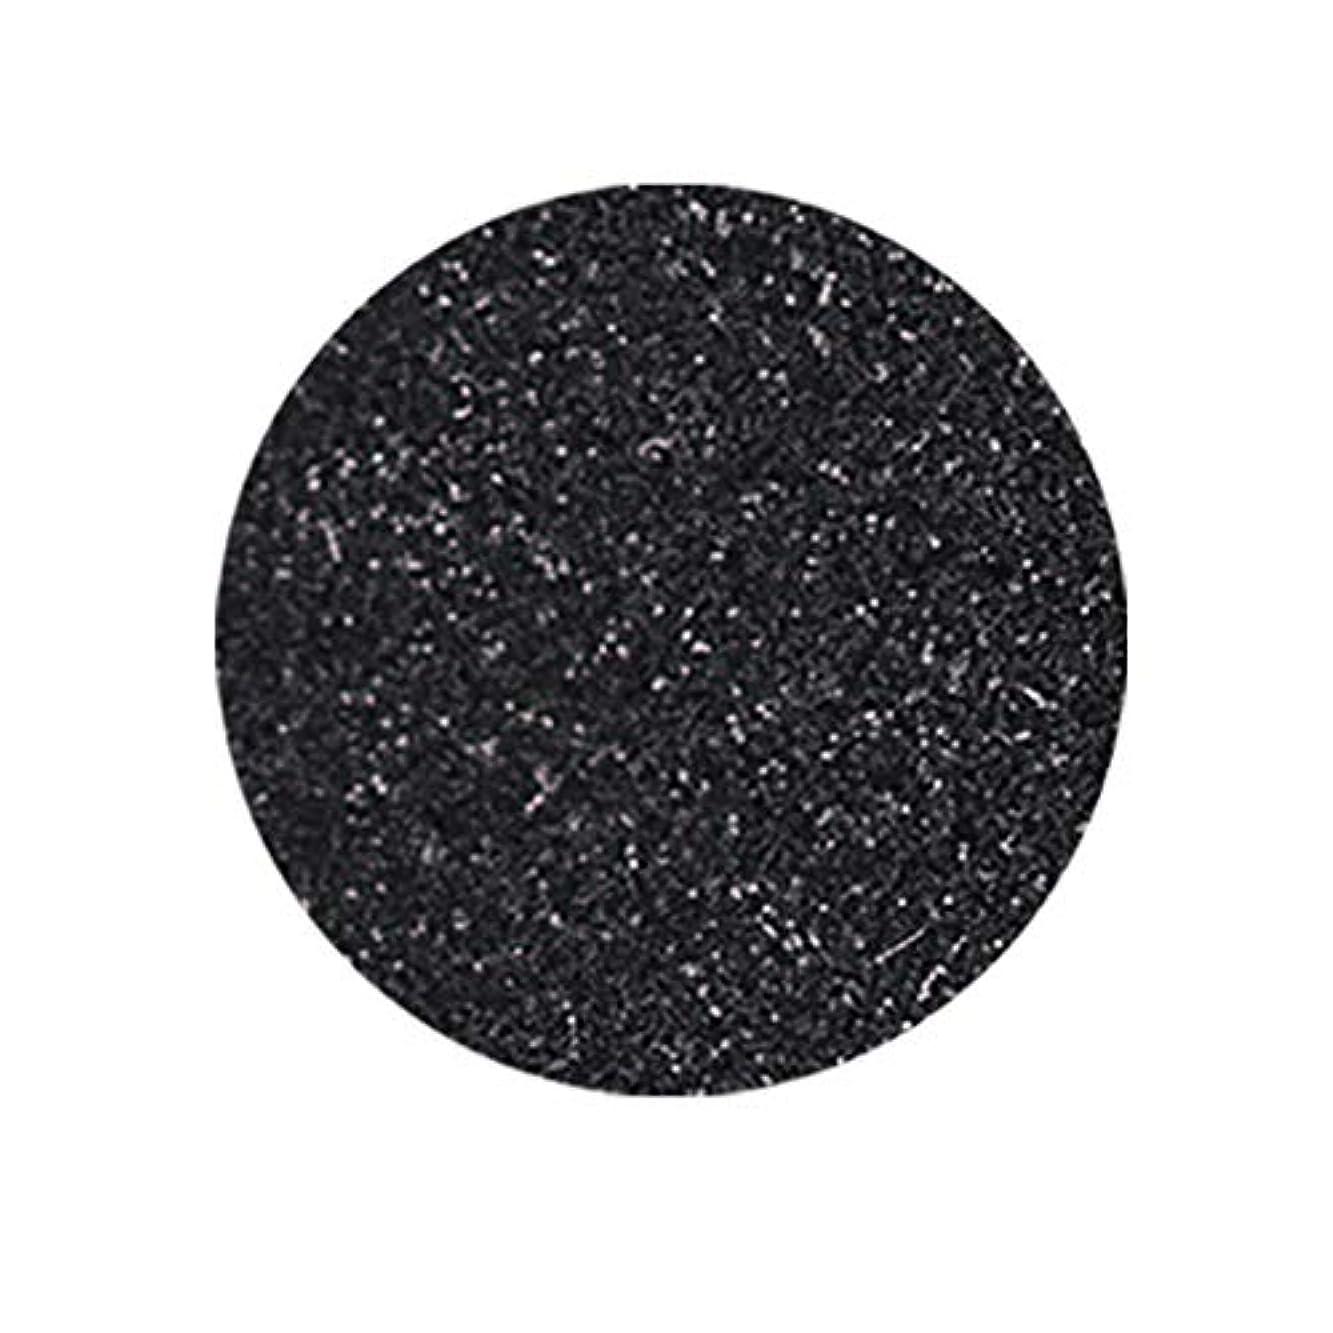 ゼリー長いですシンポジウムグリッターシュガーパウダー【ブラック】シュガー ラメ 偏光パウダー ネイルアート